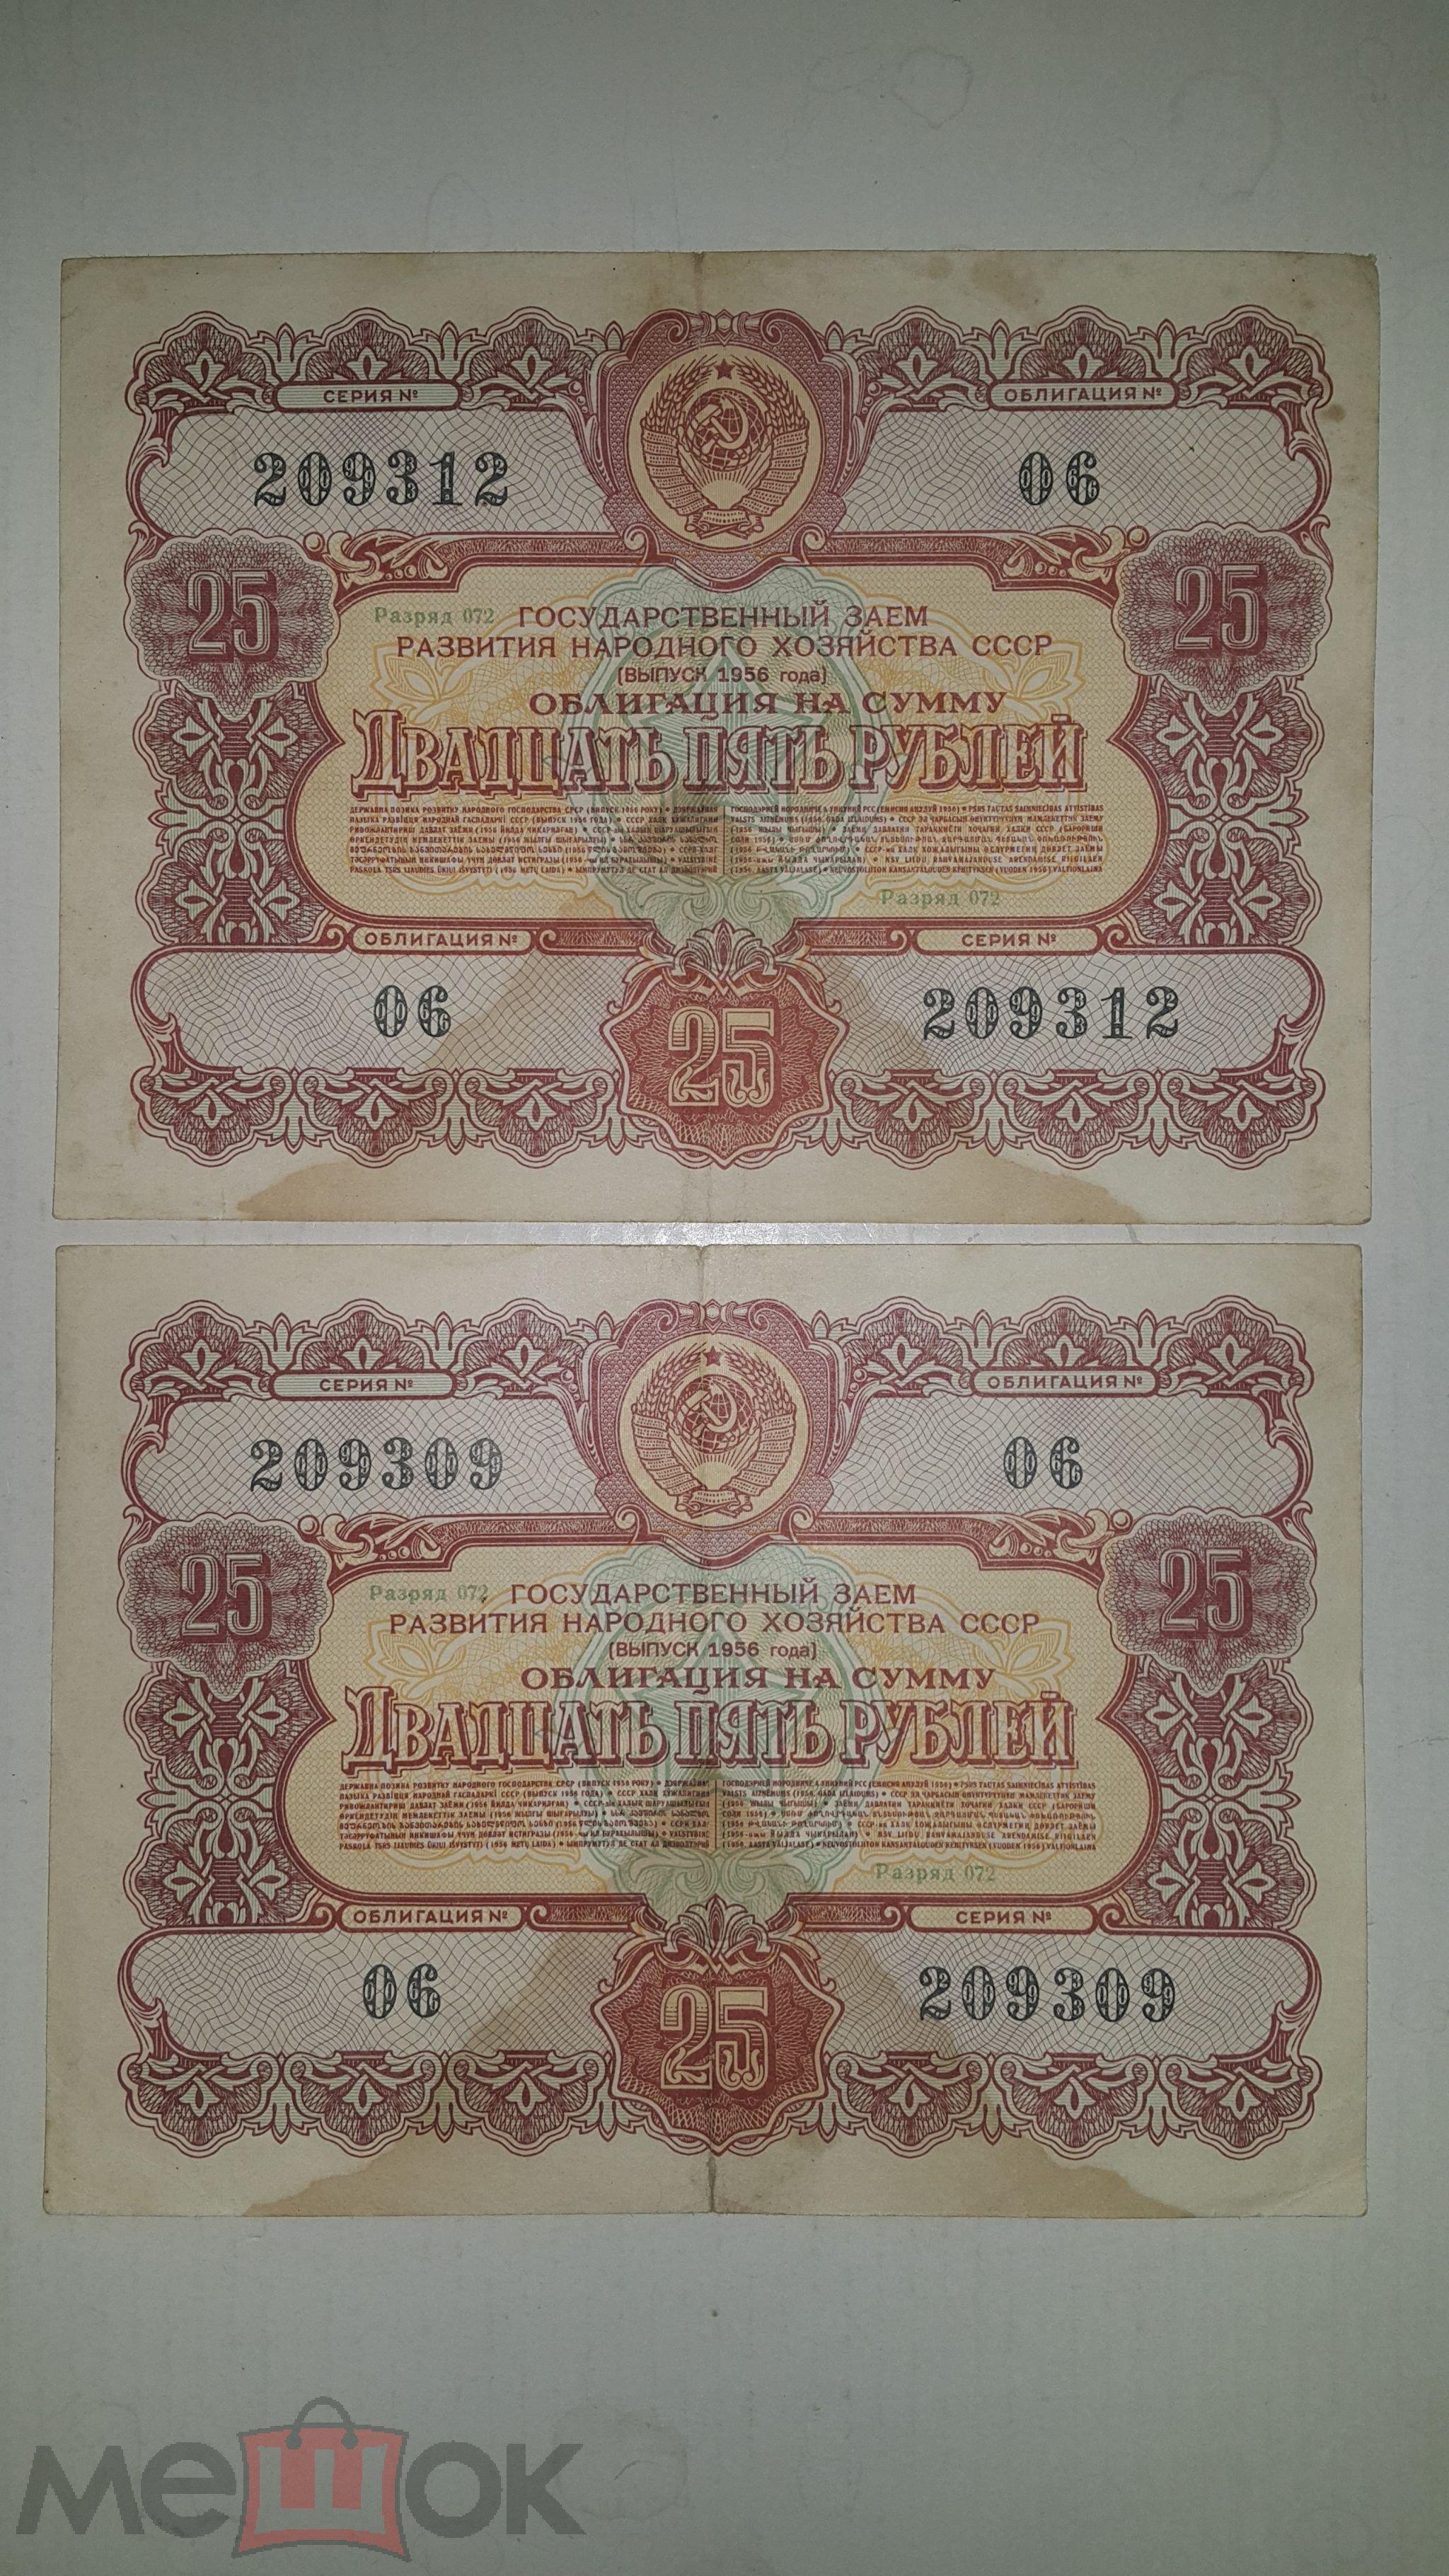 Облигации государственного займа 1956 года